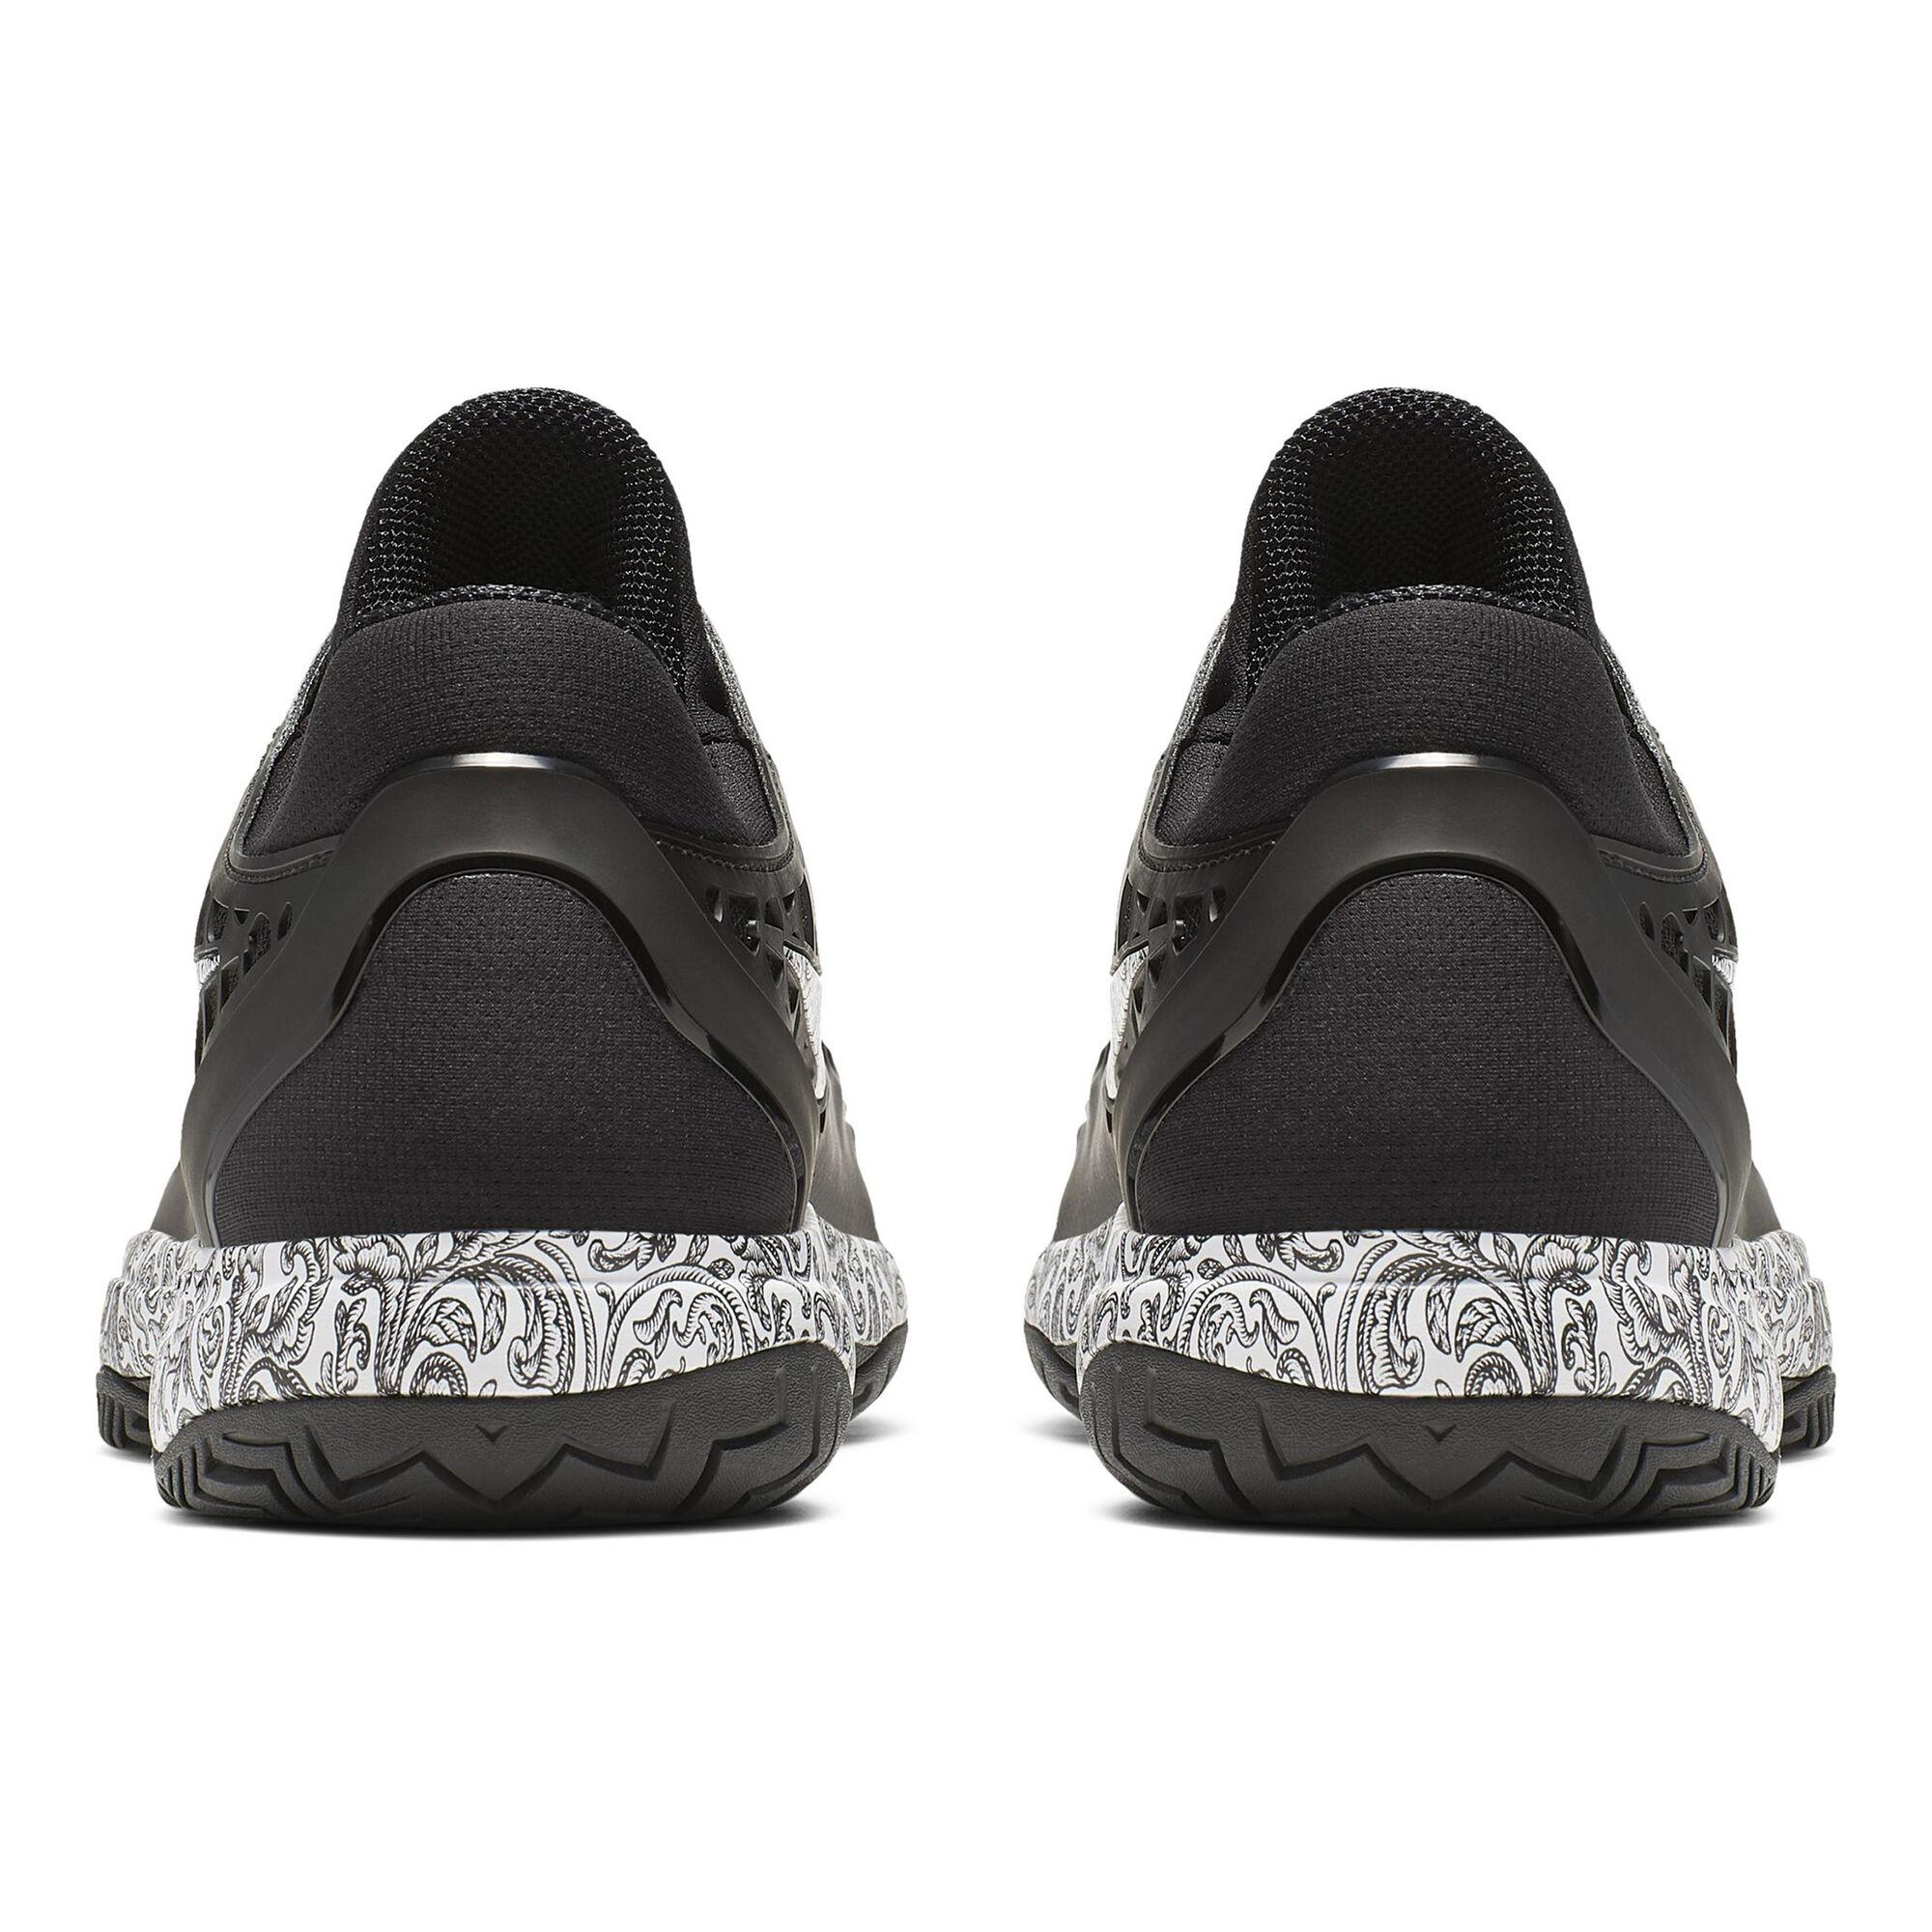 new product d995b 473da Nike Zoom Cage 3 Allroundsko Herrar - Svart, Mörkgrå köp online ...